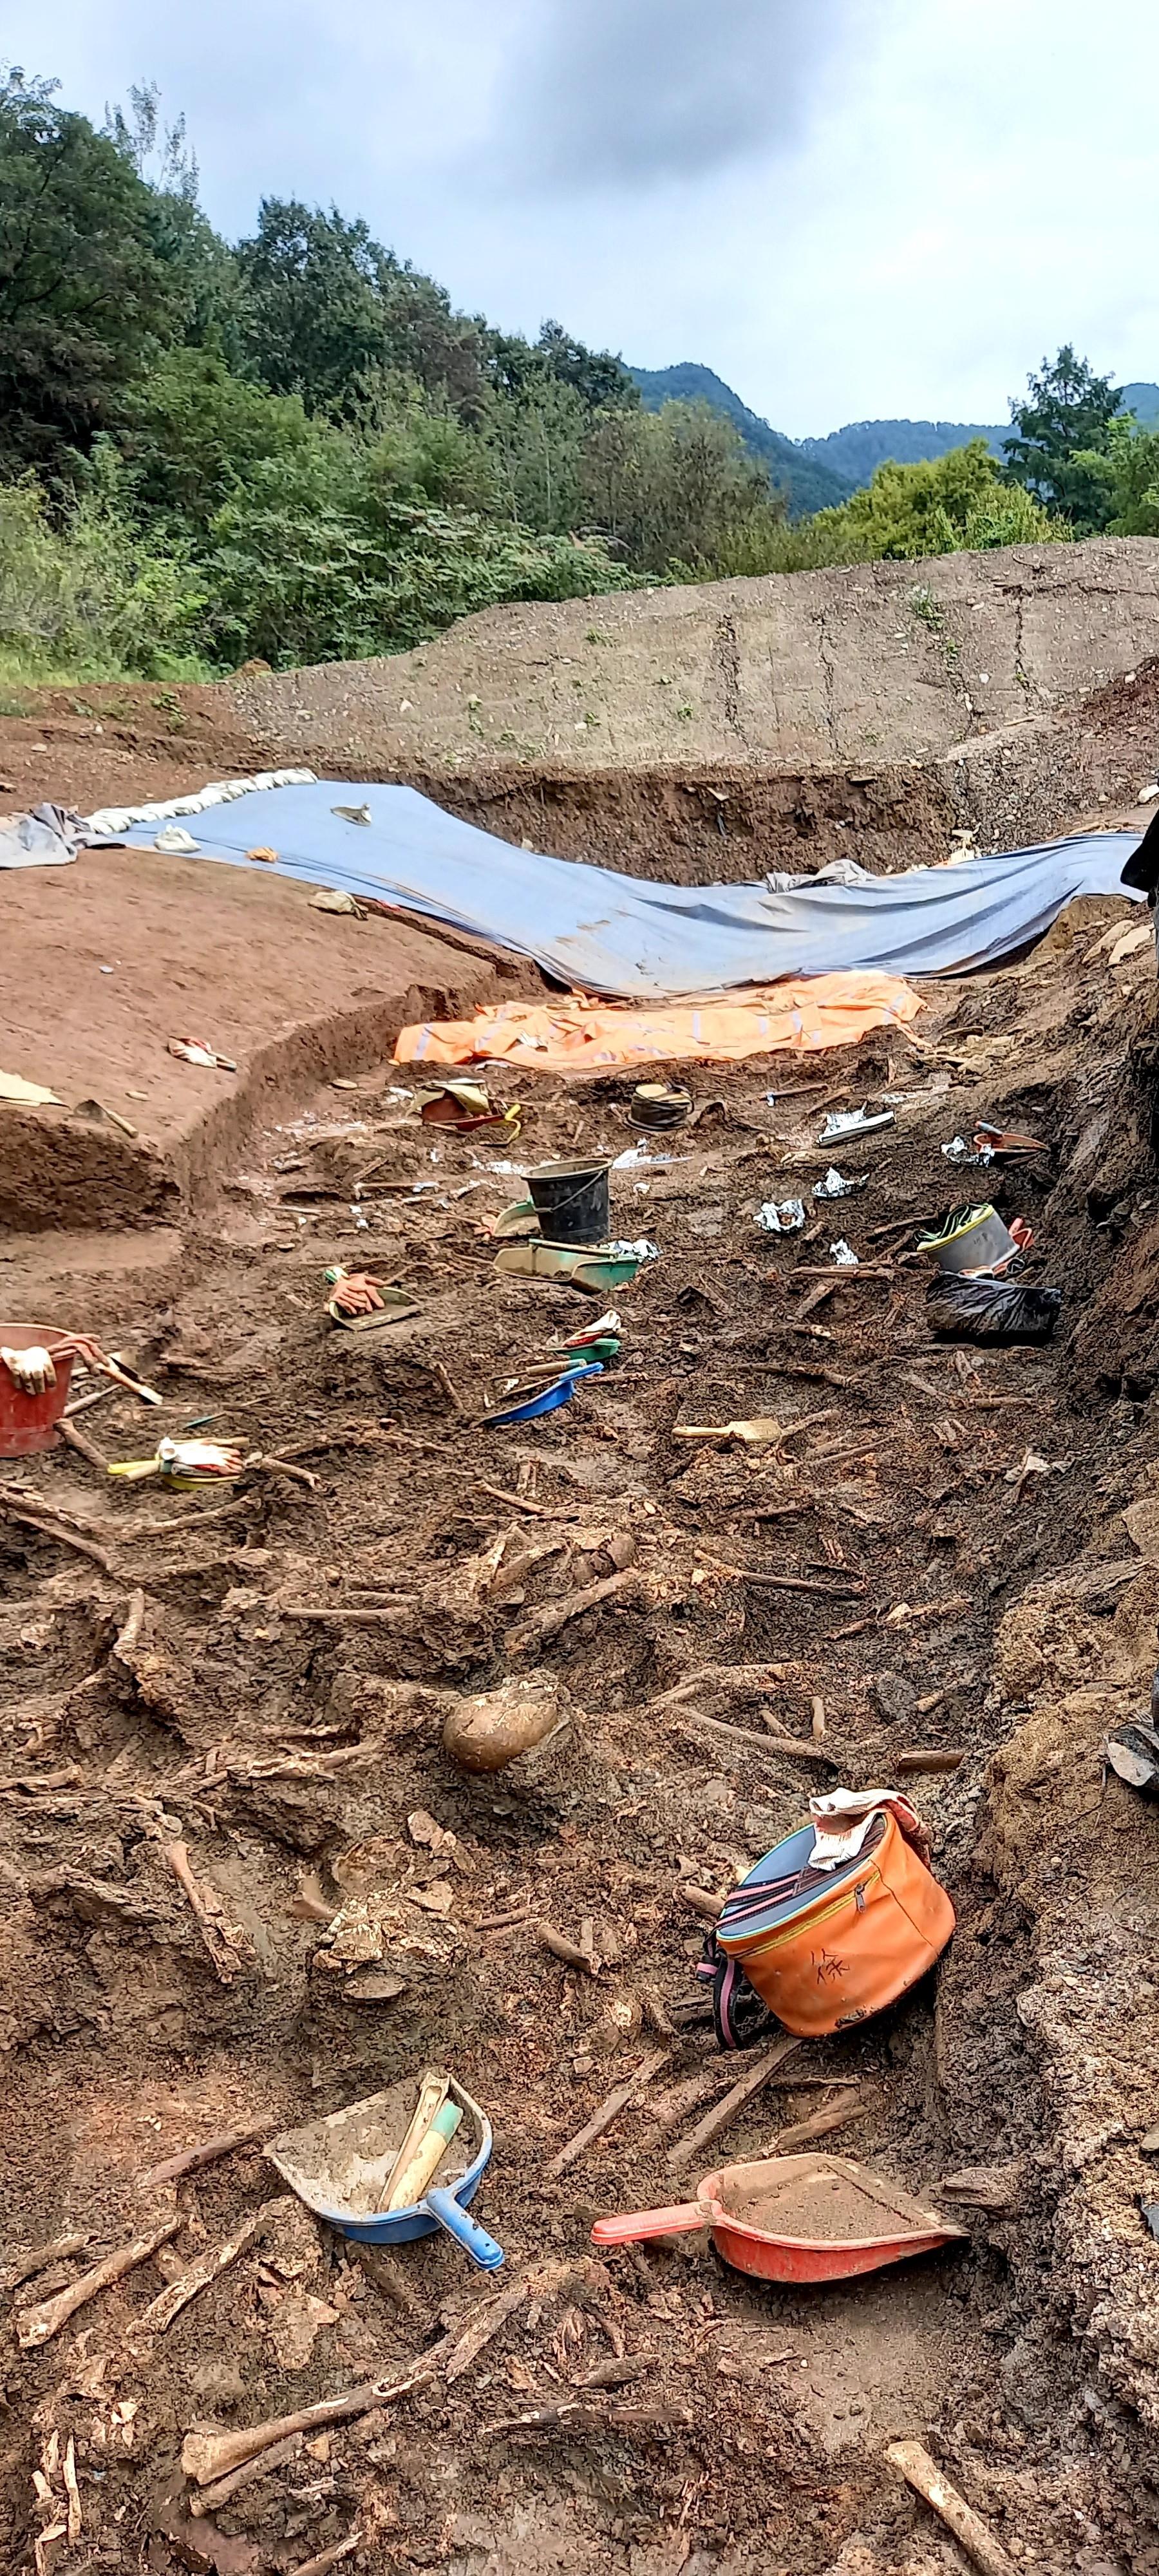 대전 골령골 유해발굴 현장. 수 십미터 구덩이에서 유해가 쏟아져 나왔다. 폭 2-3미터 남짓의 이 구덩이는 한 골이 약 100 여 미터에 이른다.